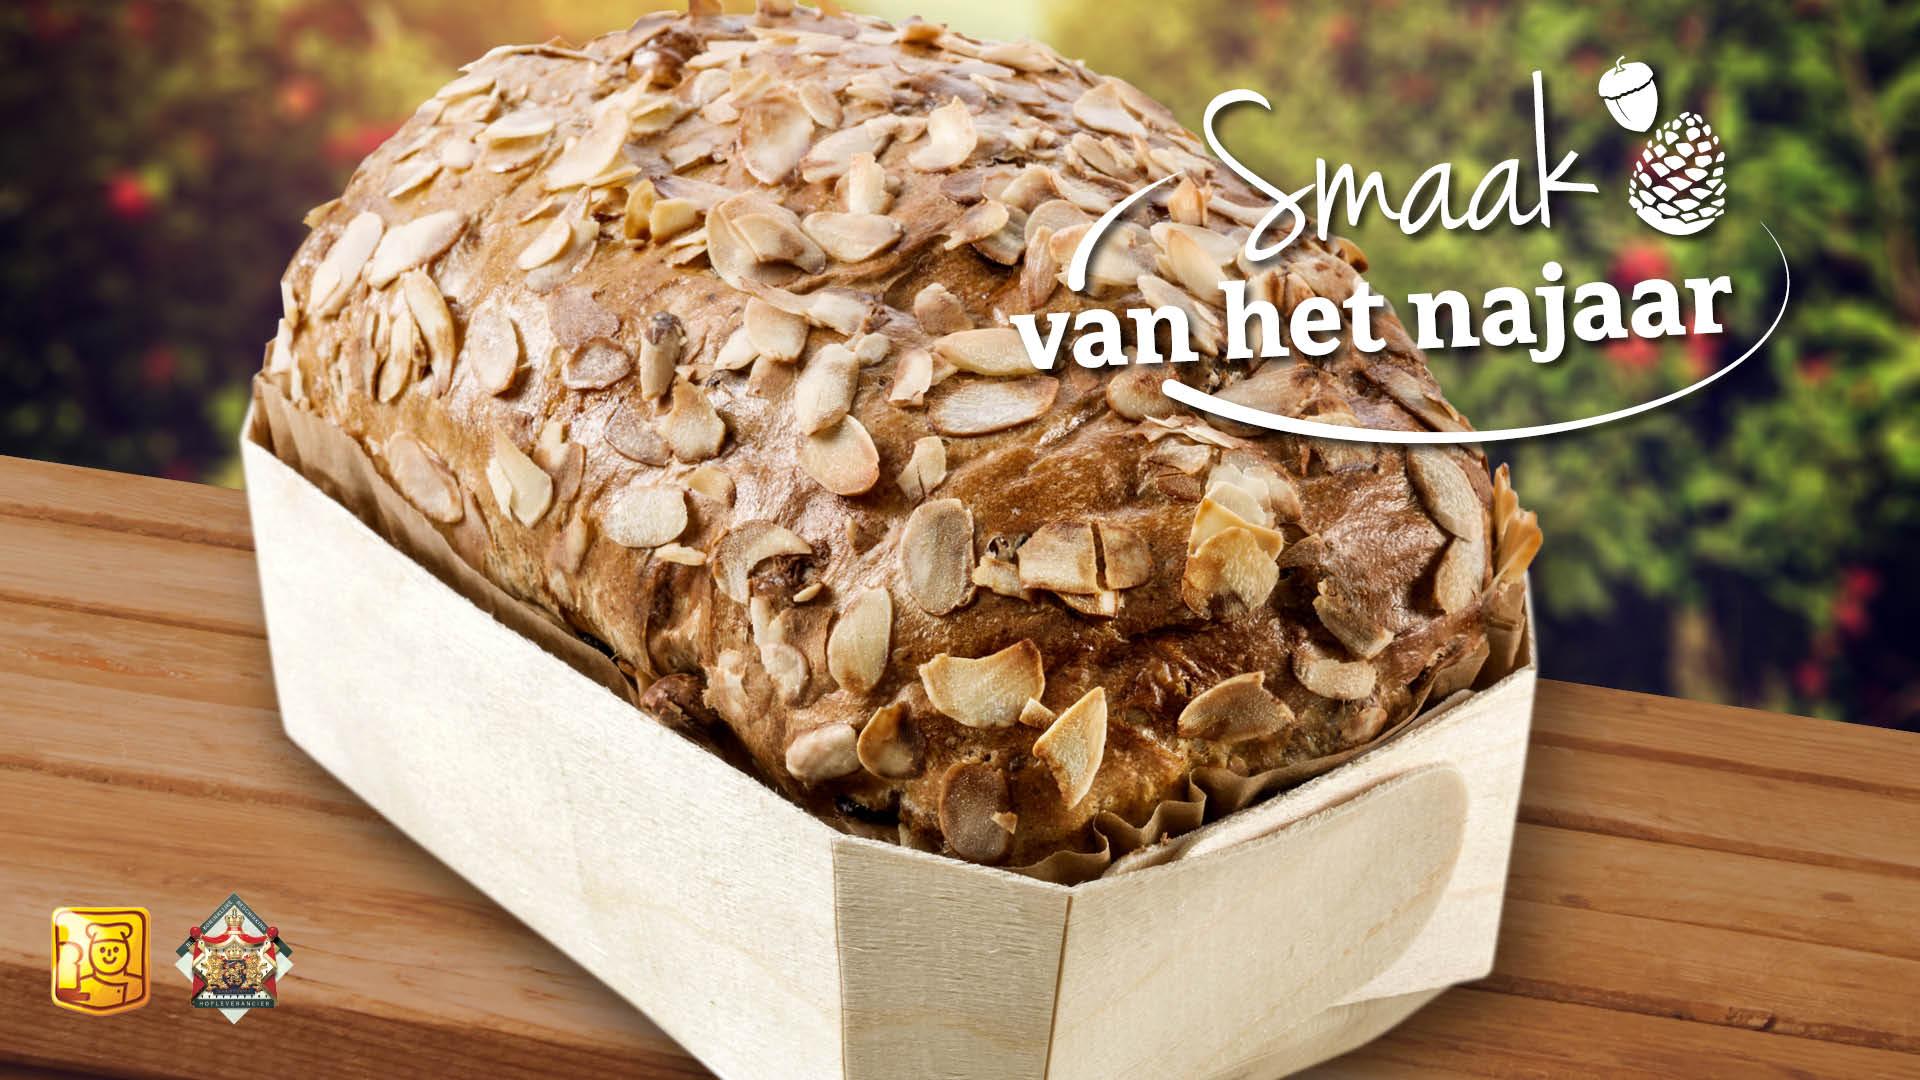 Homepage slider – De Smaak van het najaar – 3